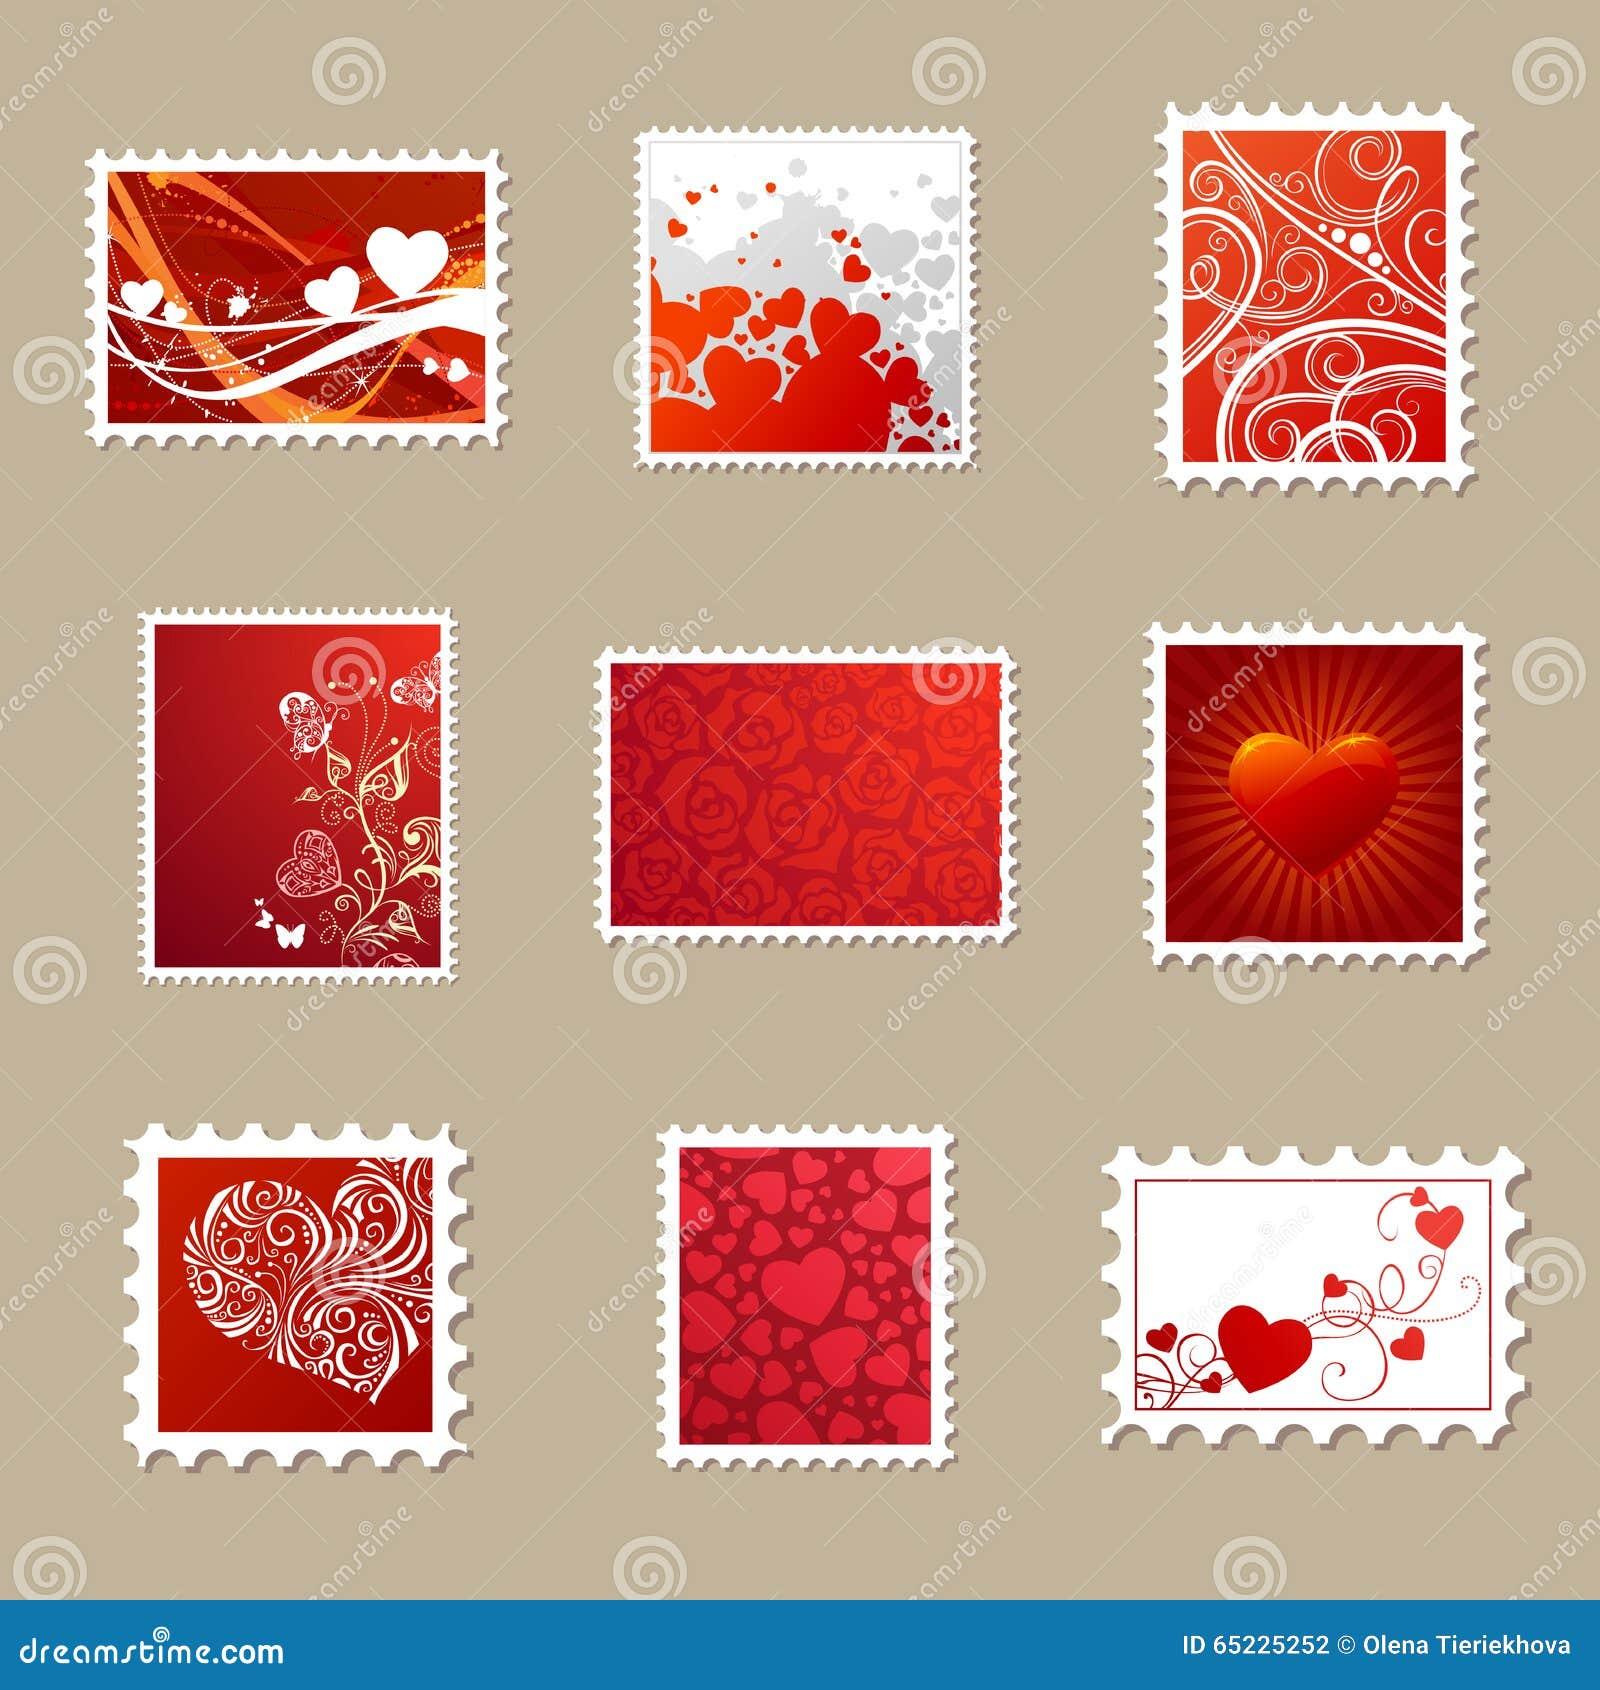 Wektorowy ustawiający walentynka znaczki pocztowi